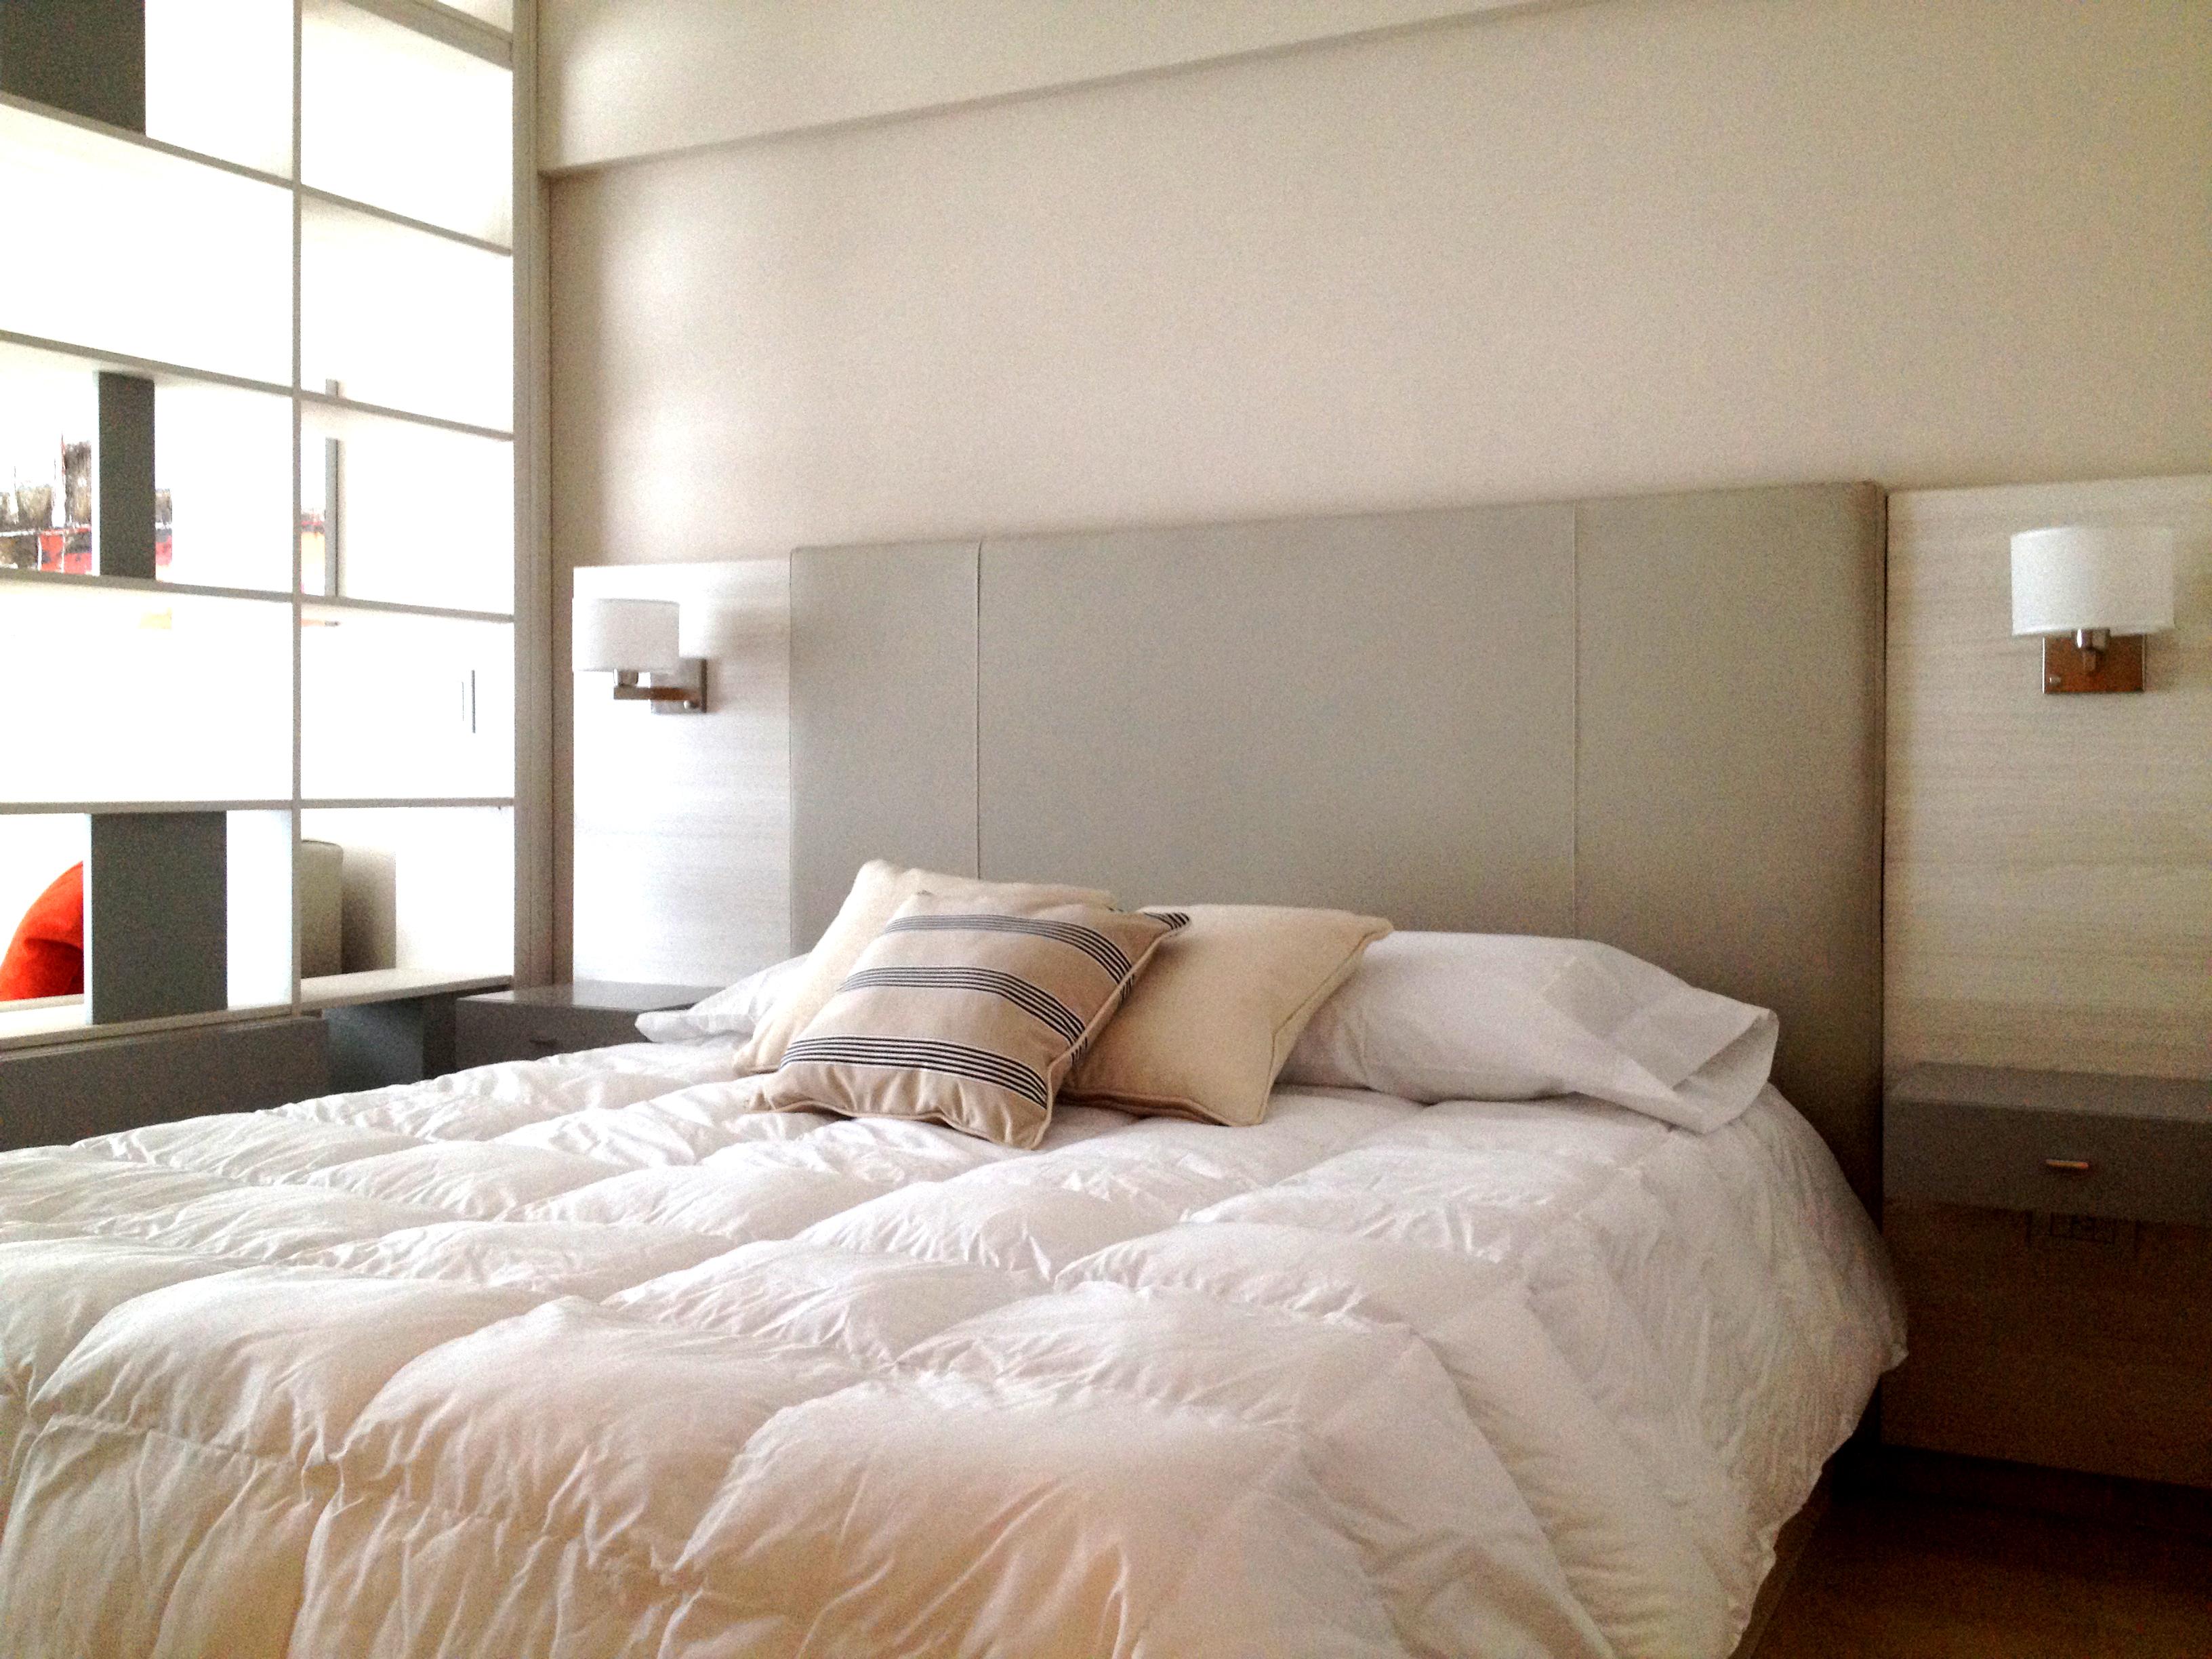 公寓 为 出租 在 Harbour Residences Lola Mora 457 布依诺斯爱丽丝, 布宜诺斯艾利斯, 1107 阿根廷